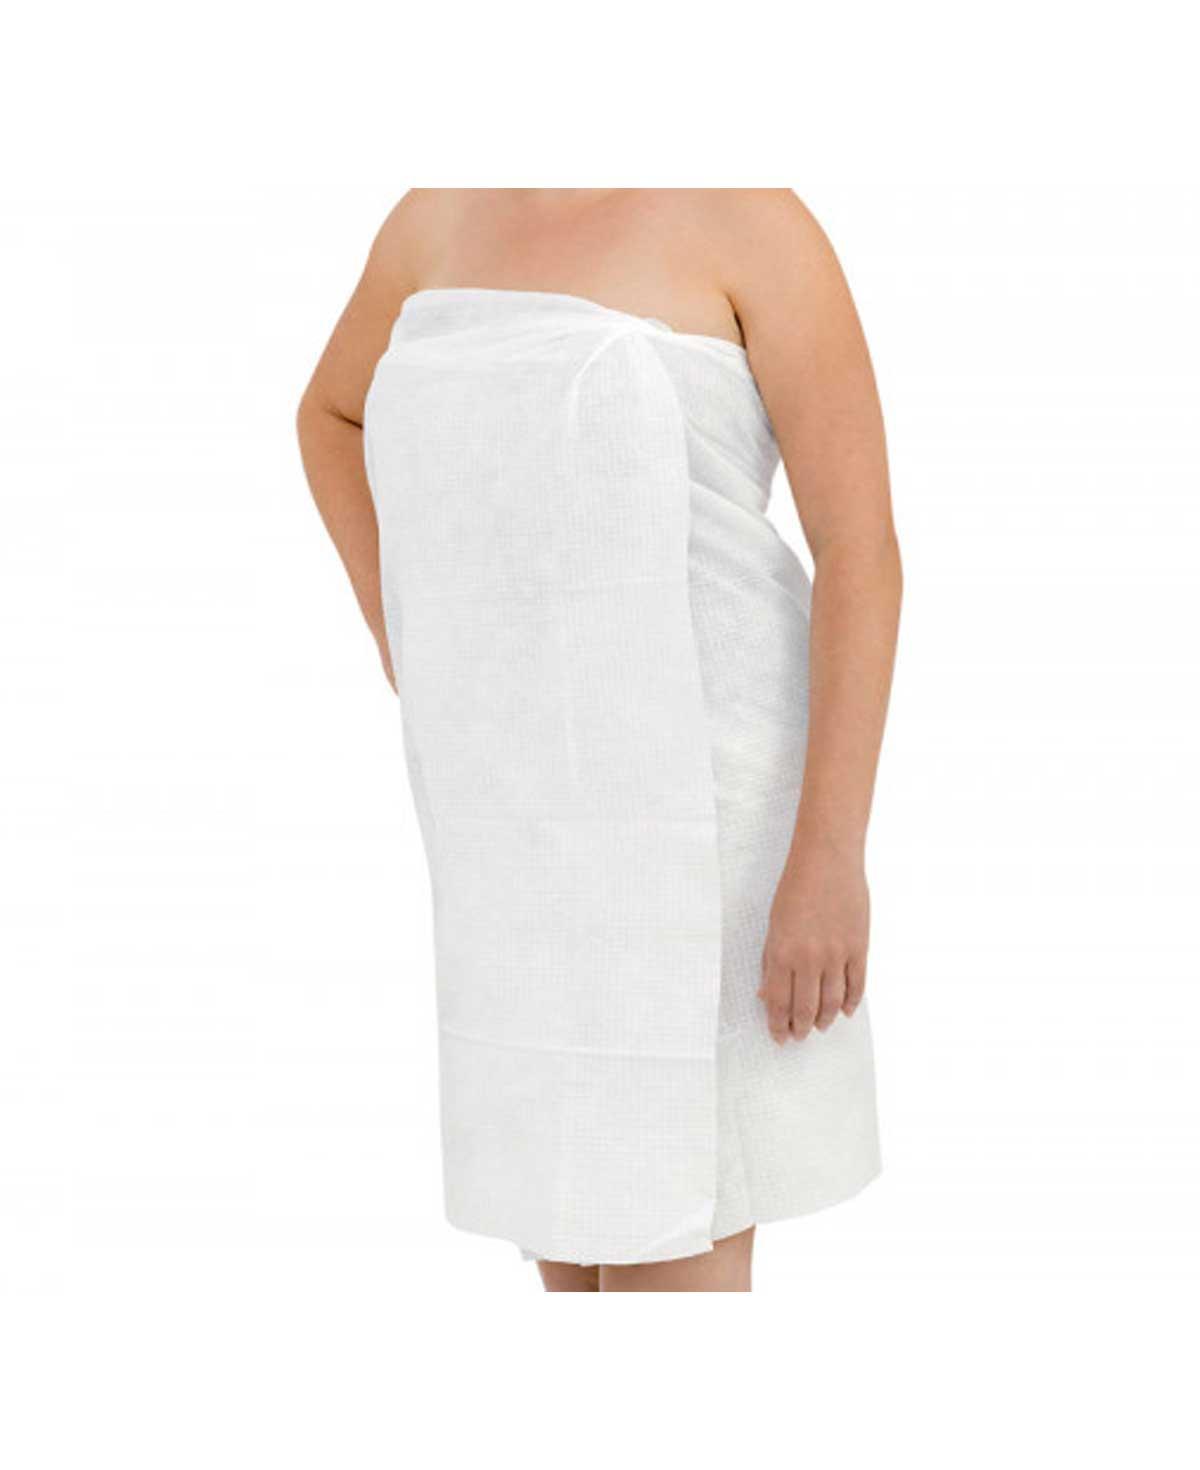 Scrummi Waffle White Body Towels, 80x140cm, 100 Stk.